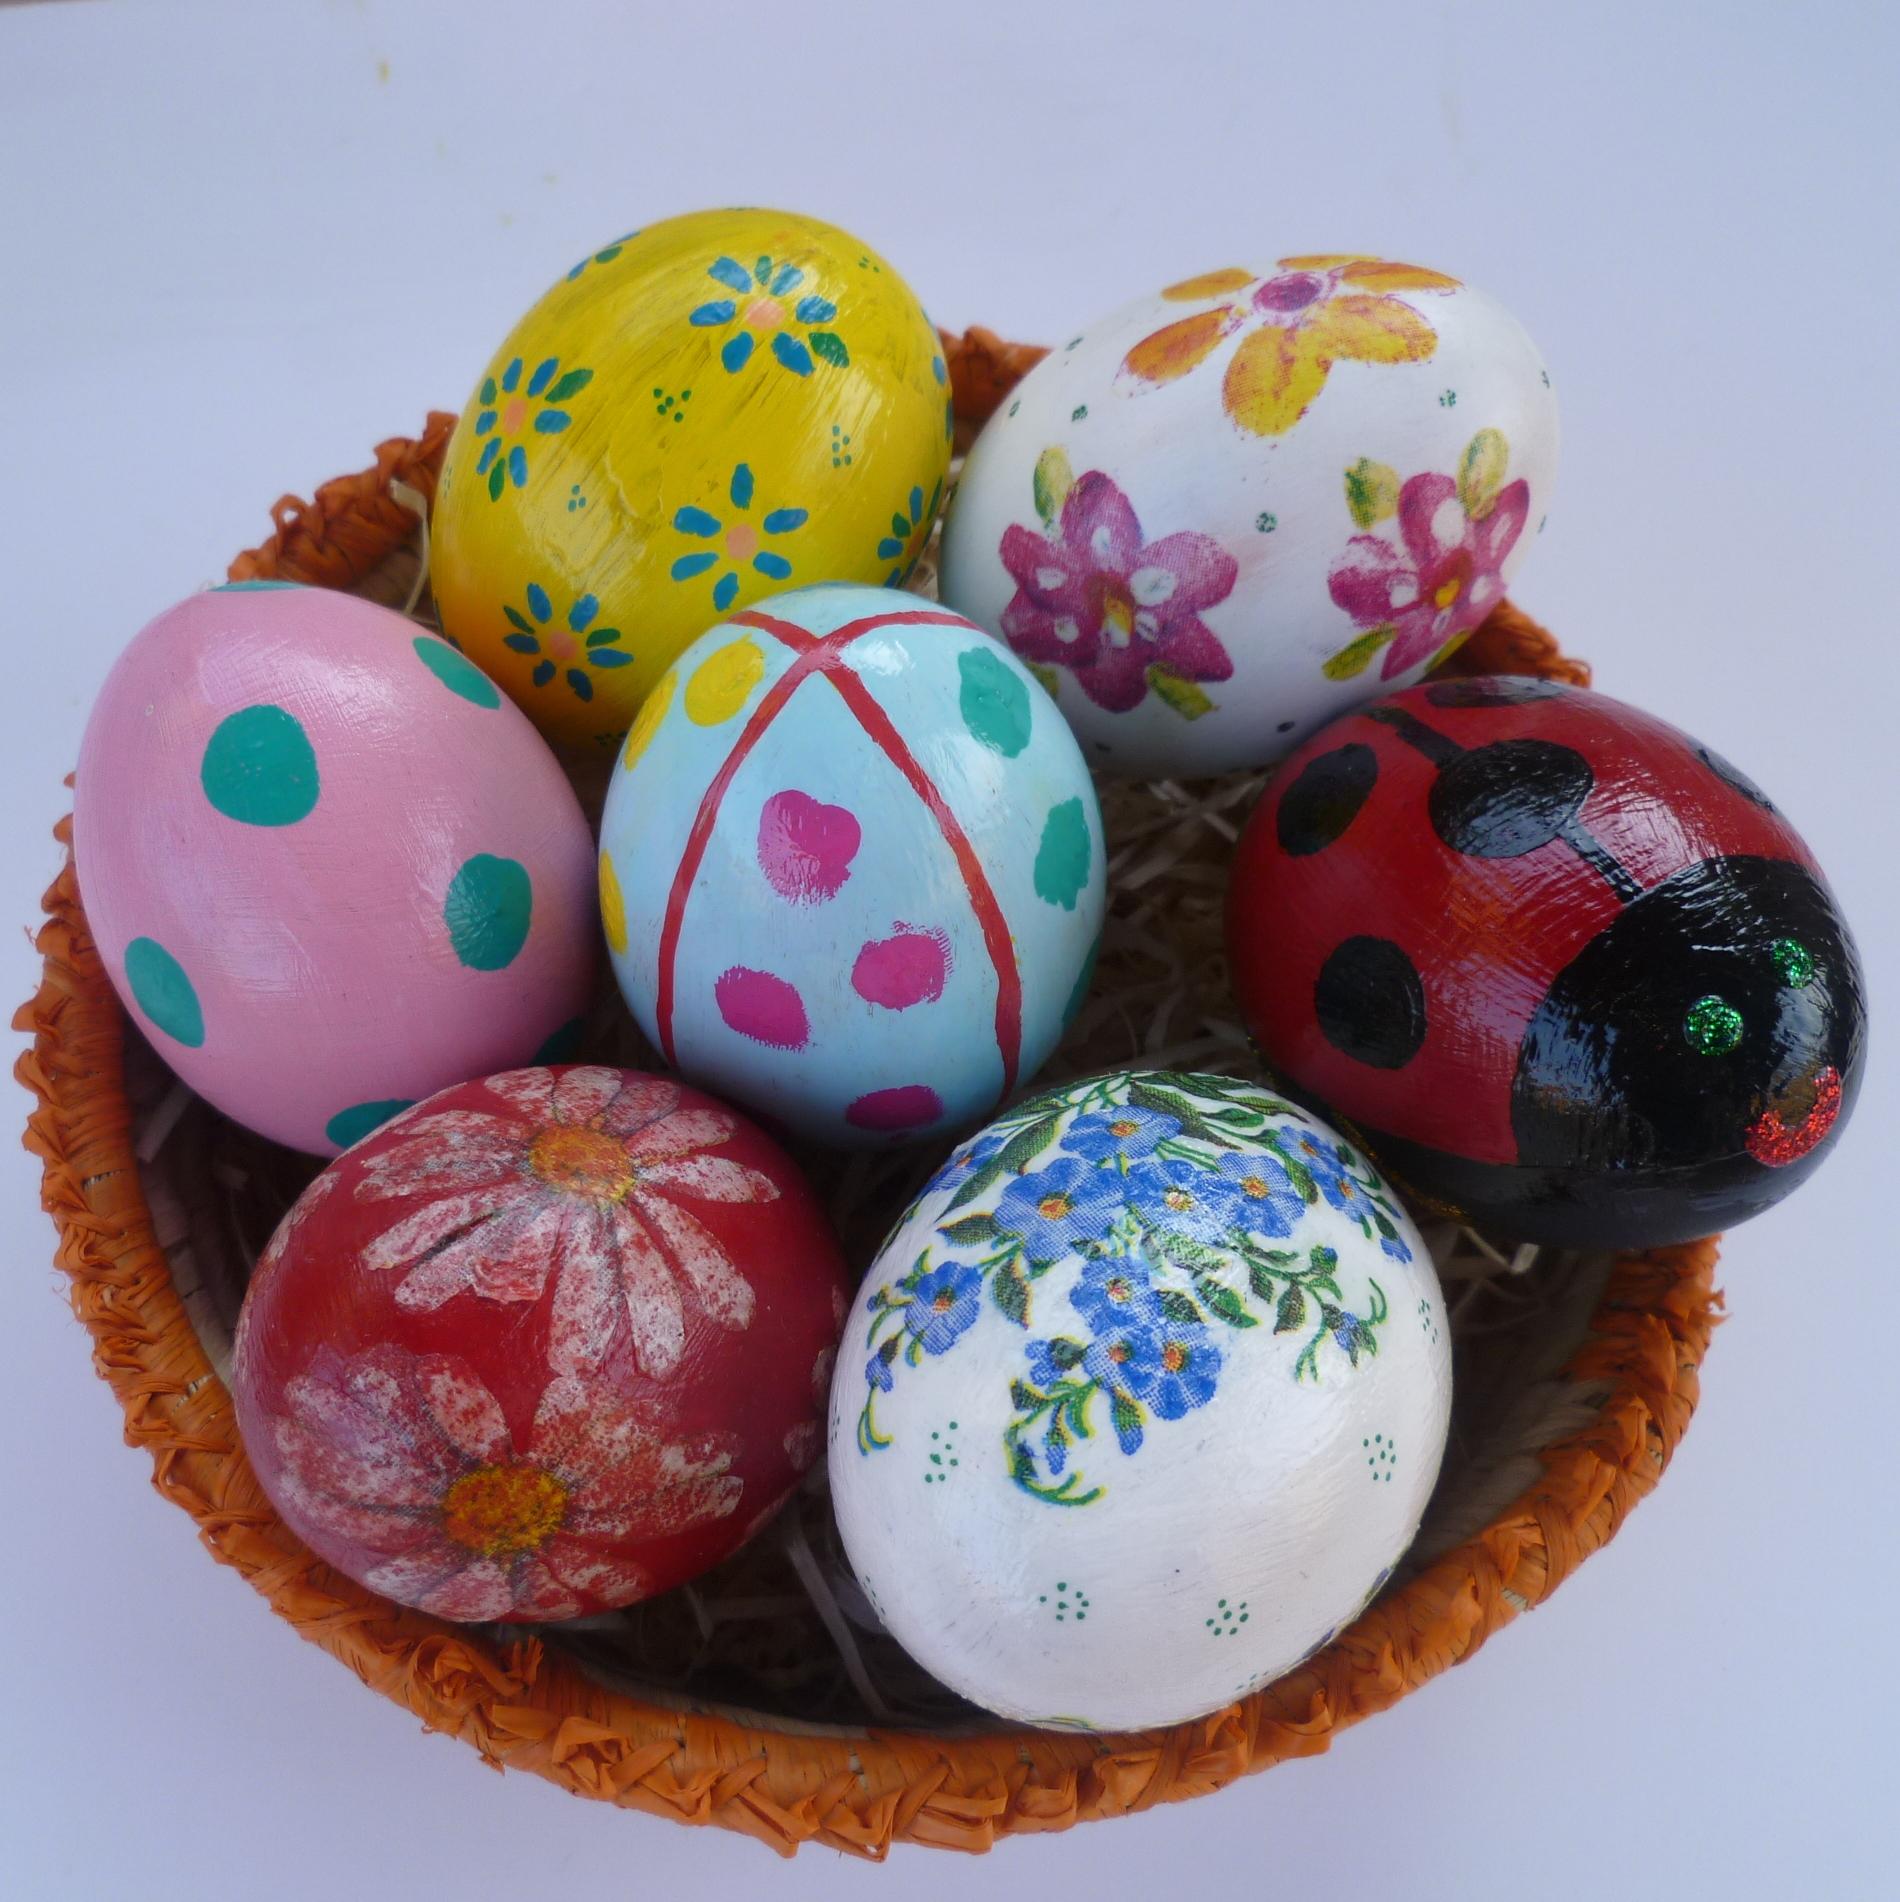 Uova decorate per pasqua creare scout - Uova di pasqua decorate ...